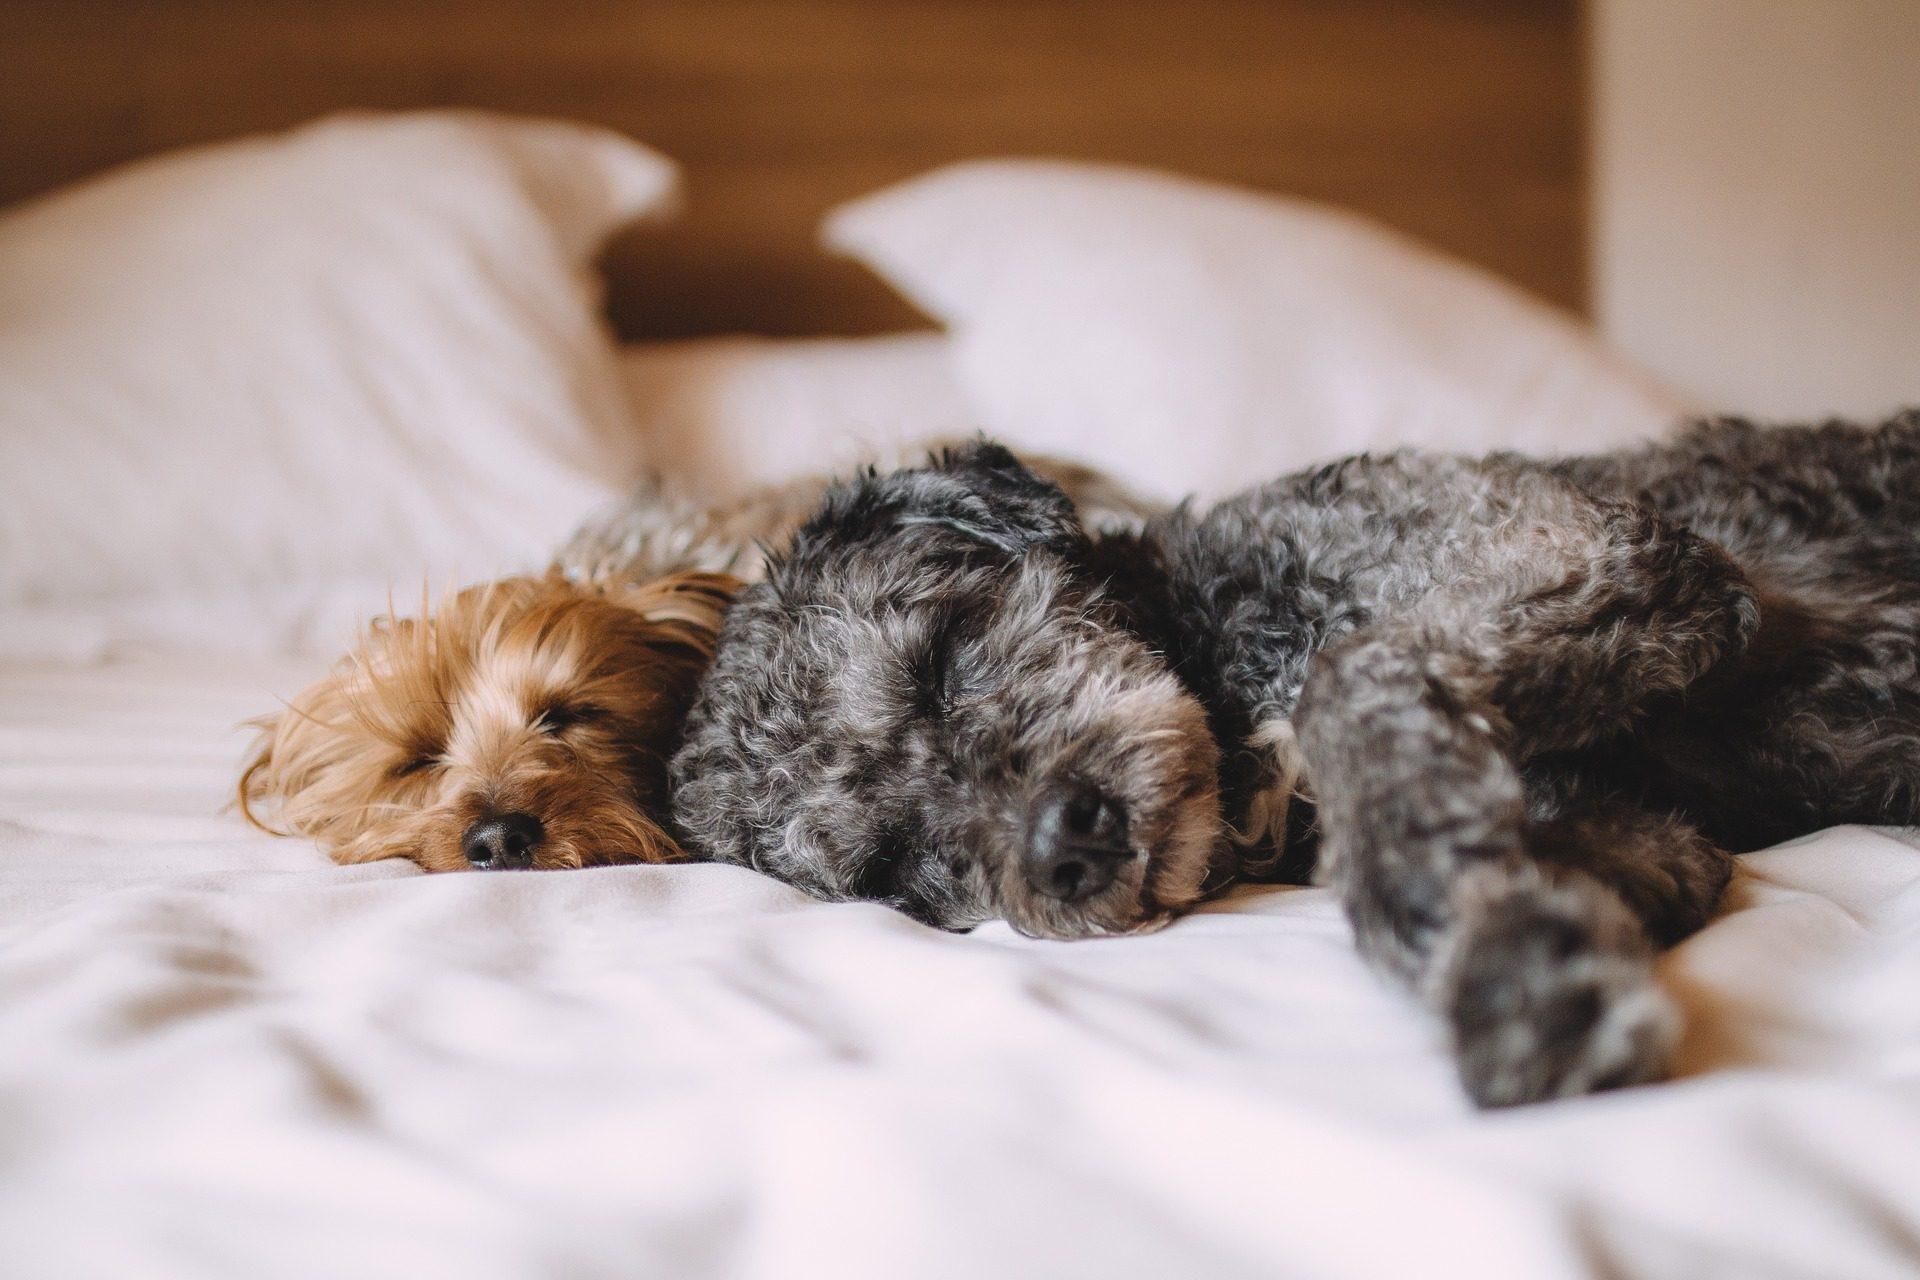 Image of pets cuddling on mattress